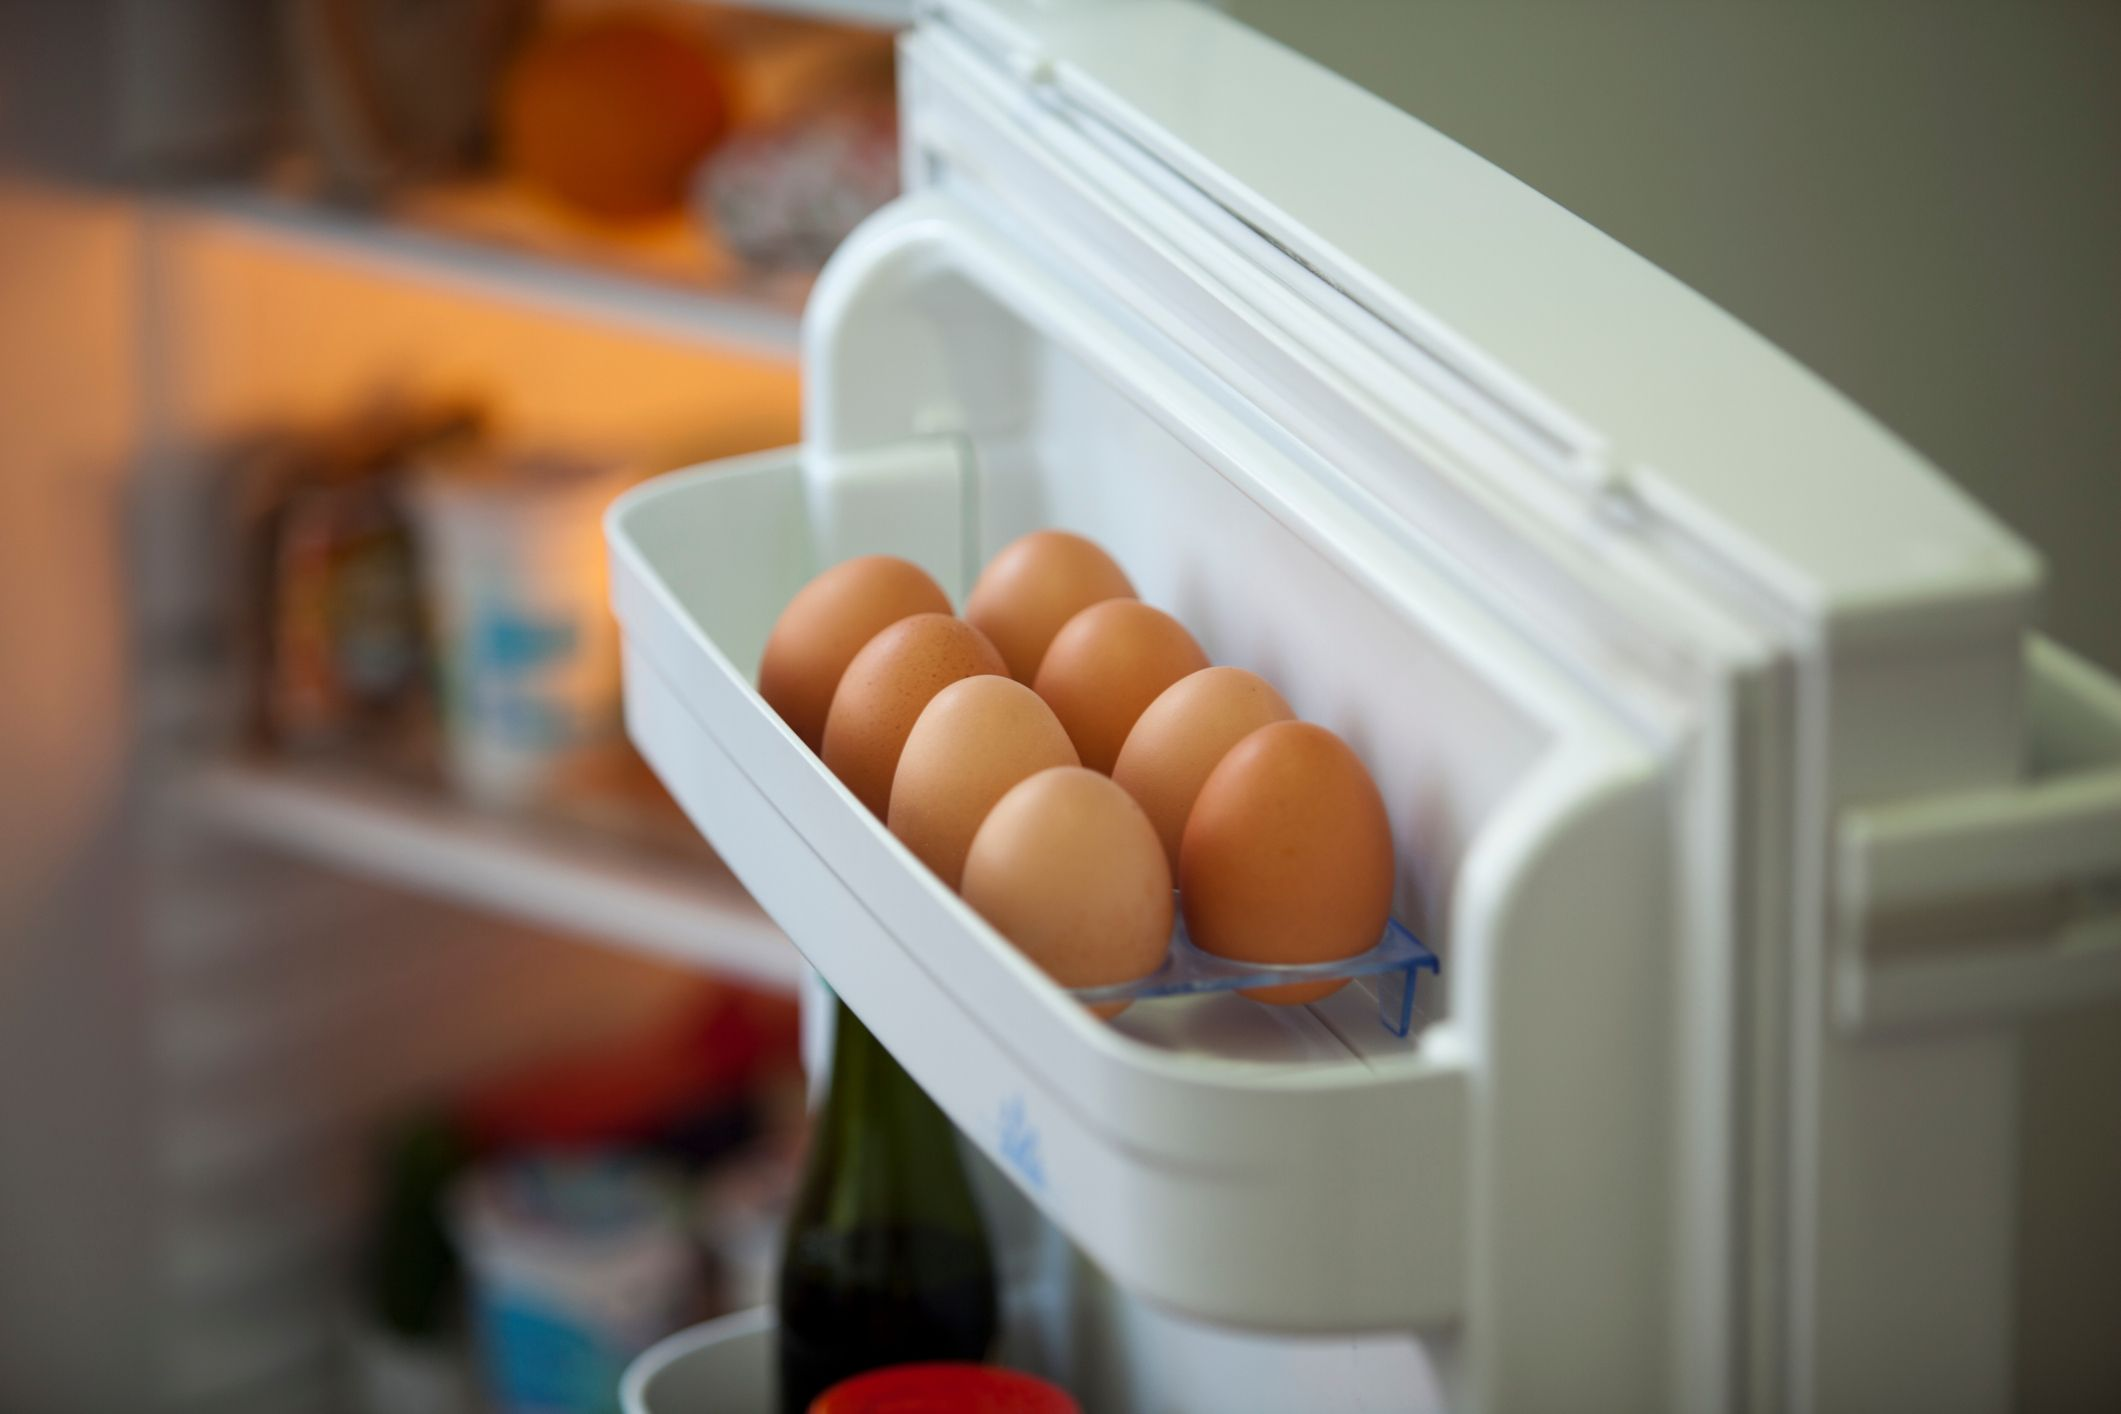 賞味 いつまで 卵 期限切れ